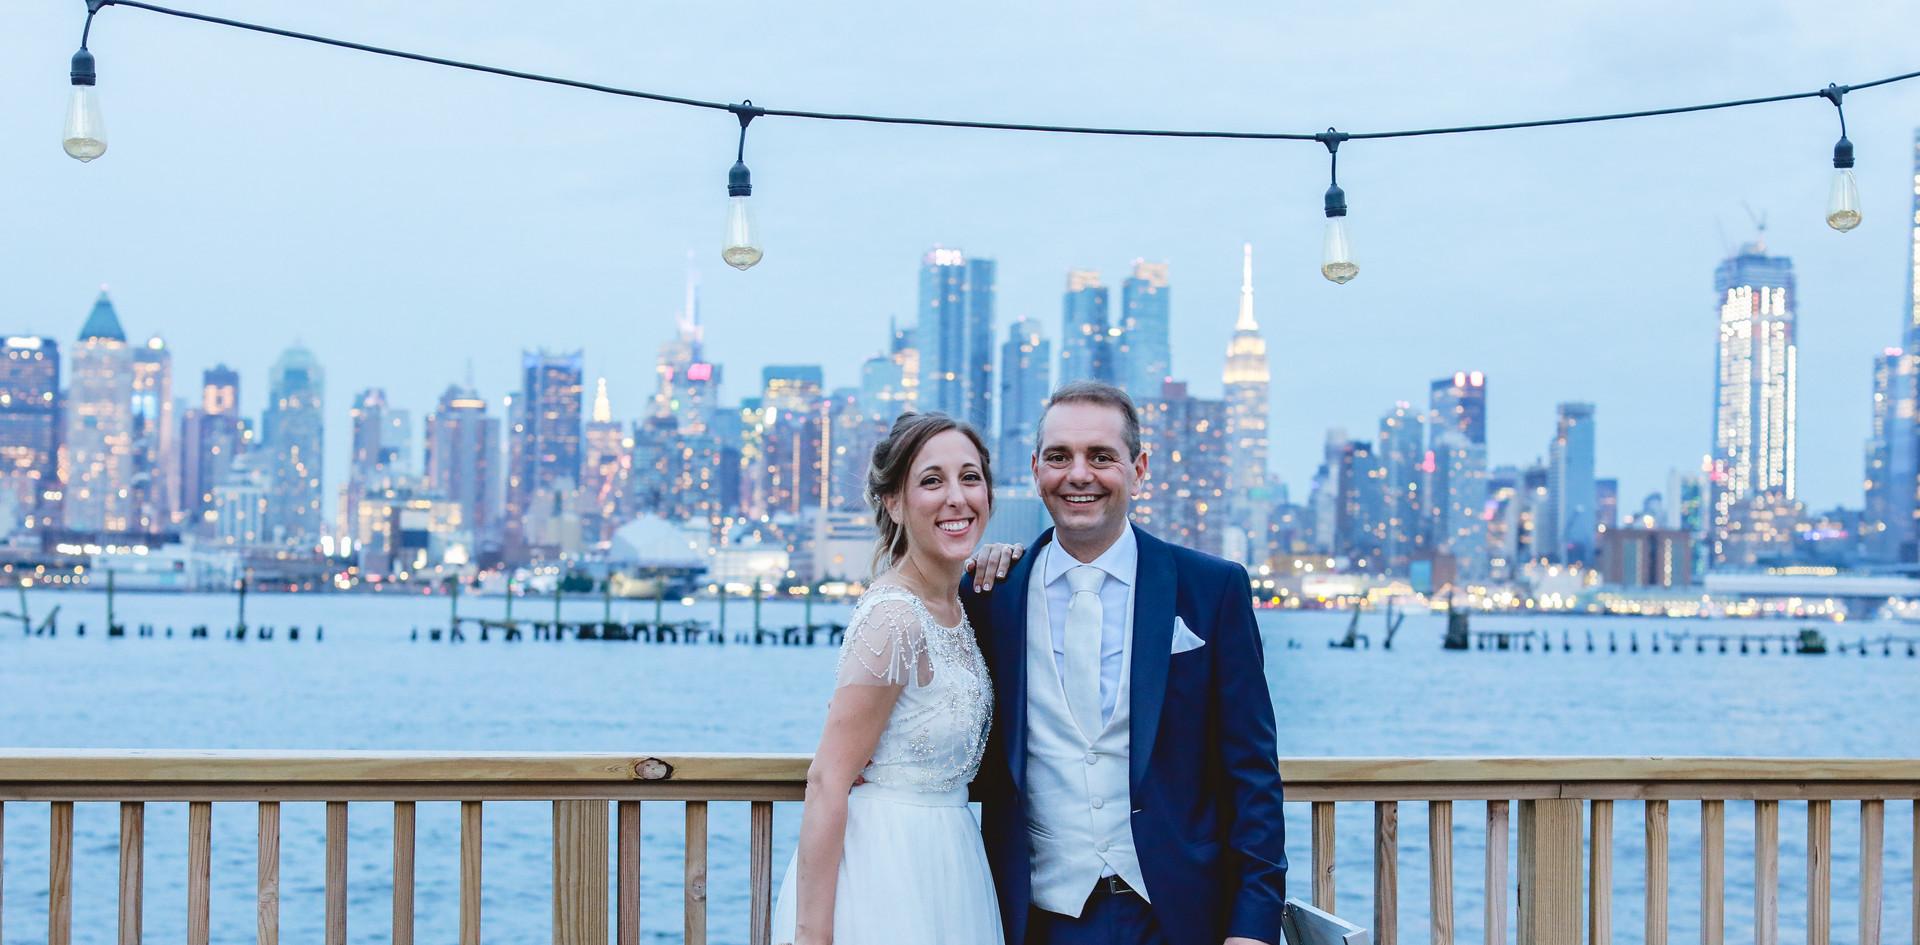 Ricevimento con vista sullo skyline di New York